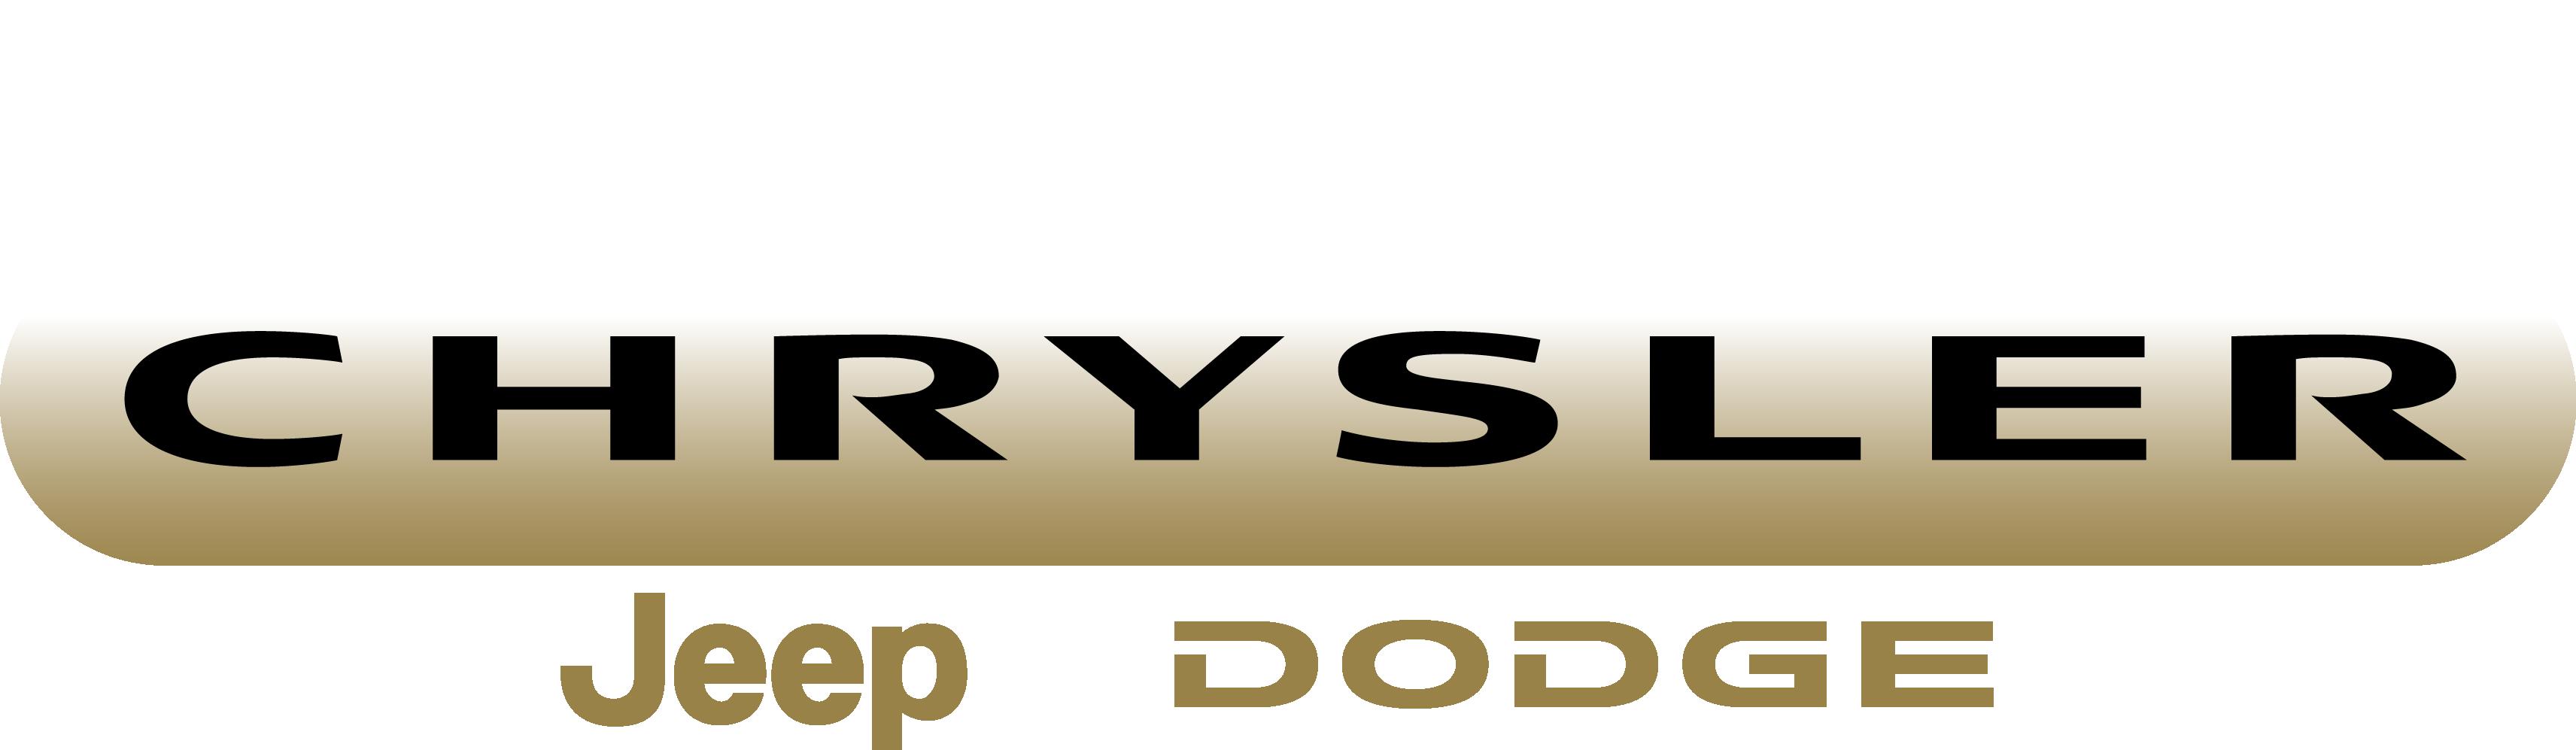 Leamington Chrysler logo